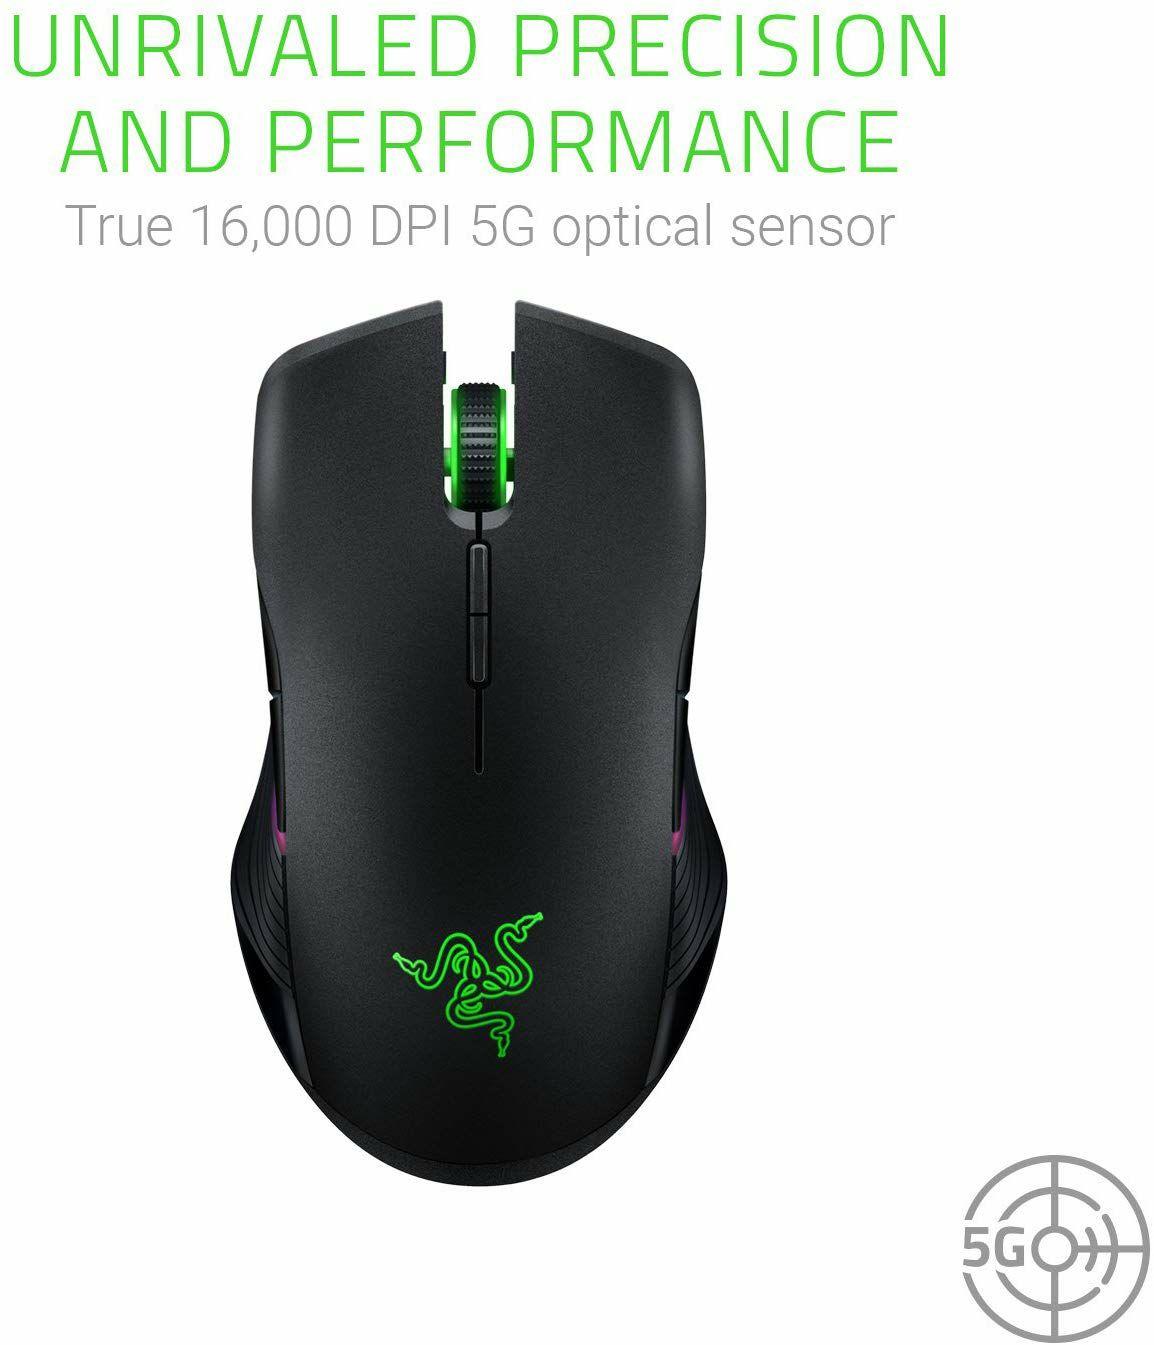 Razer Lancehead Wireless 5G 16,000DPI gaming mouse - £76 @ AriaPC